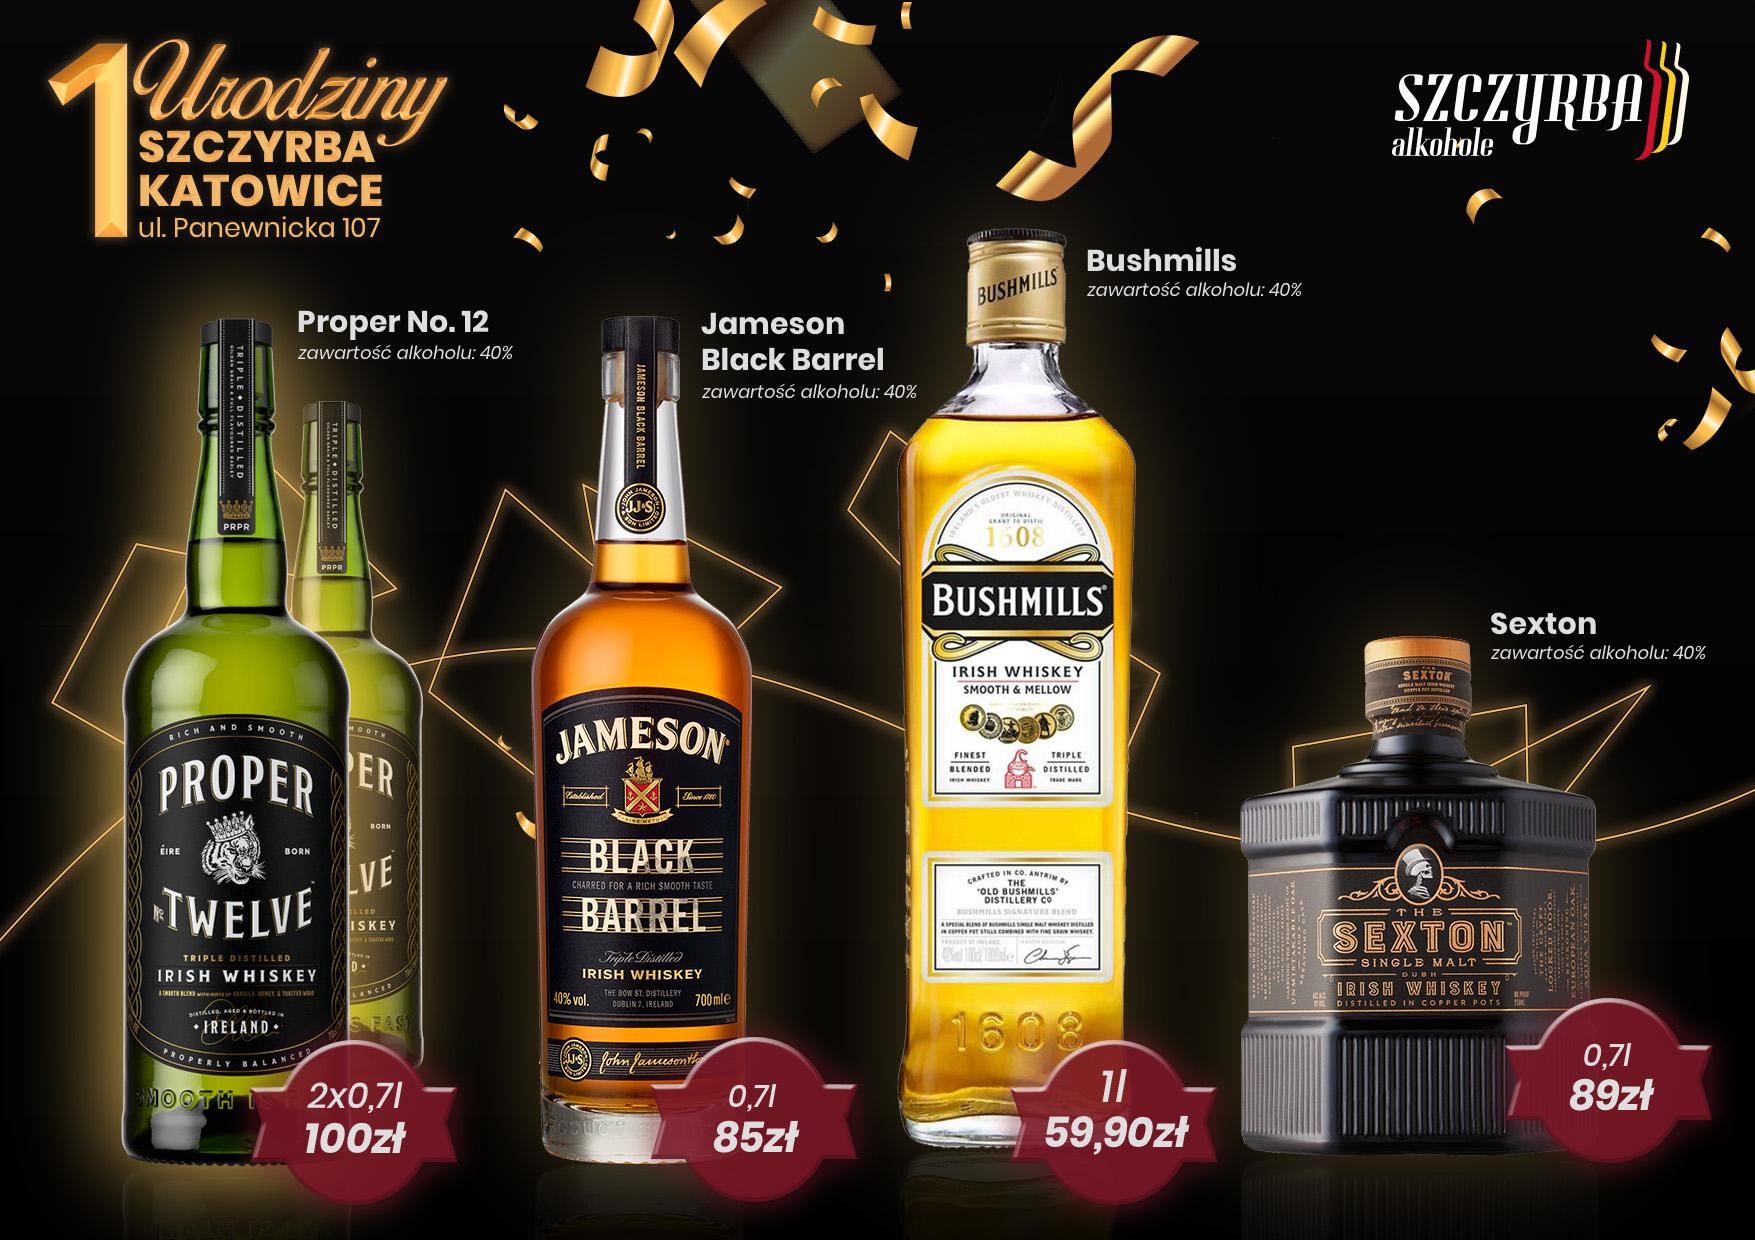 Urodzinowe promocje Szczyrba Katowice - okazja zbiorcza whisky i nie tylko